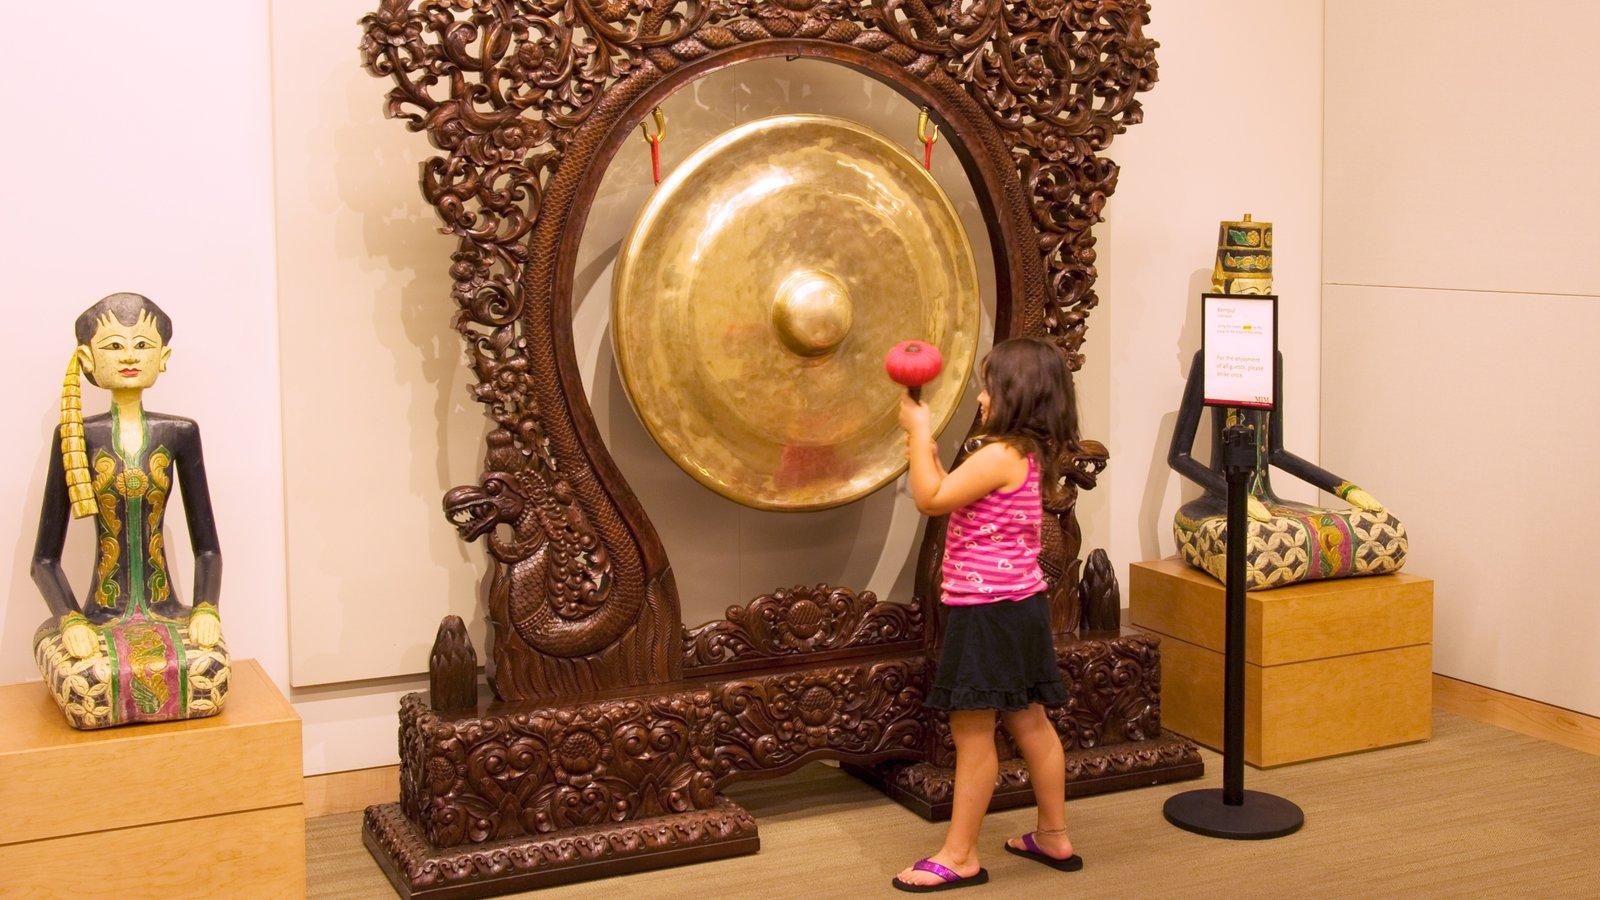 Museu dos Instrumentos Musicais caracterizando vistas internas assim como uma criança sozinha